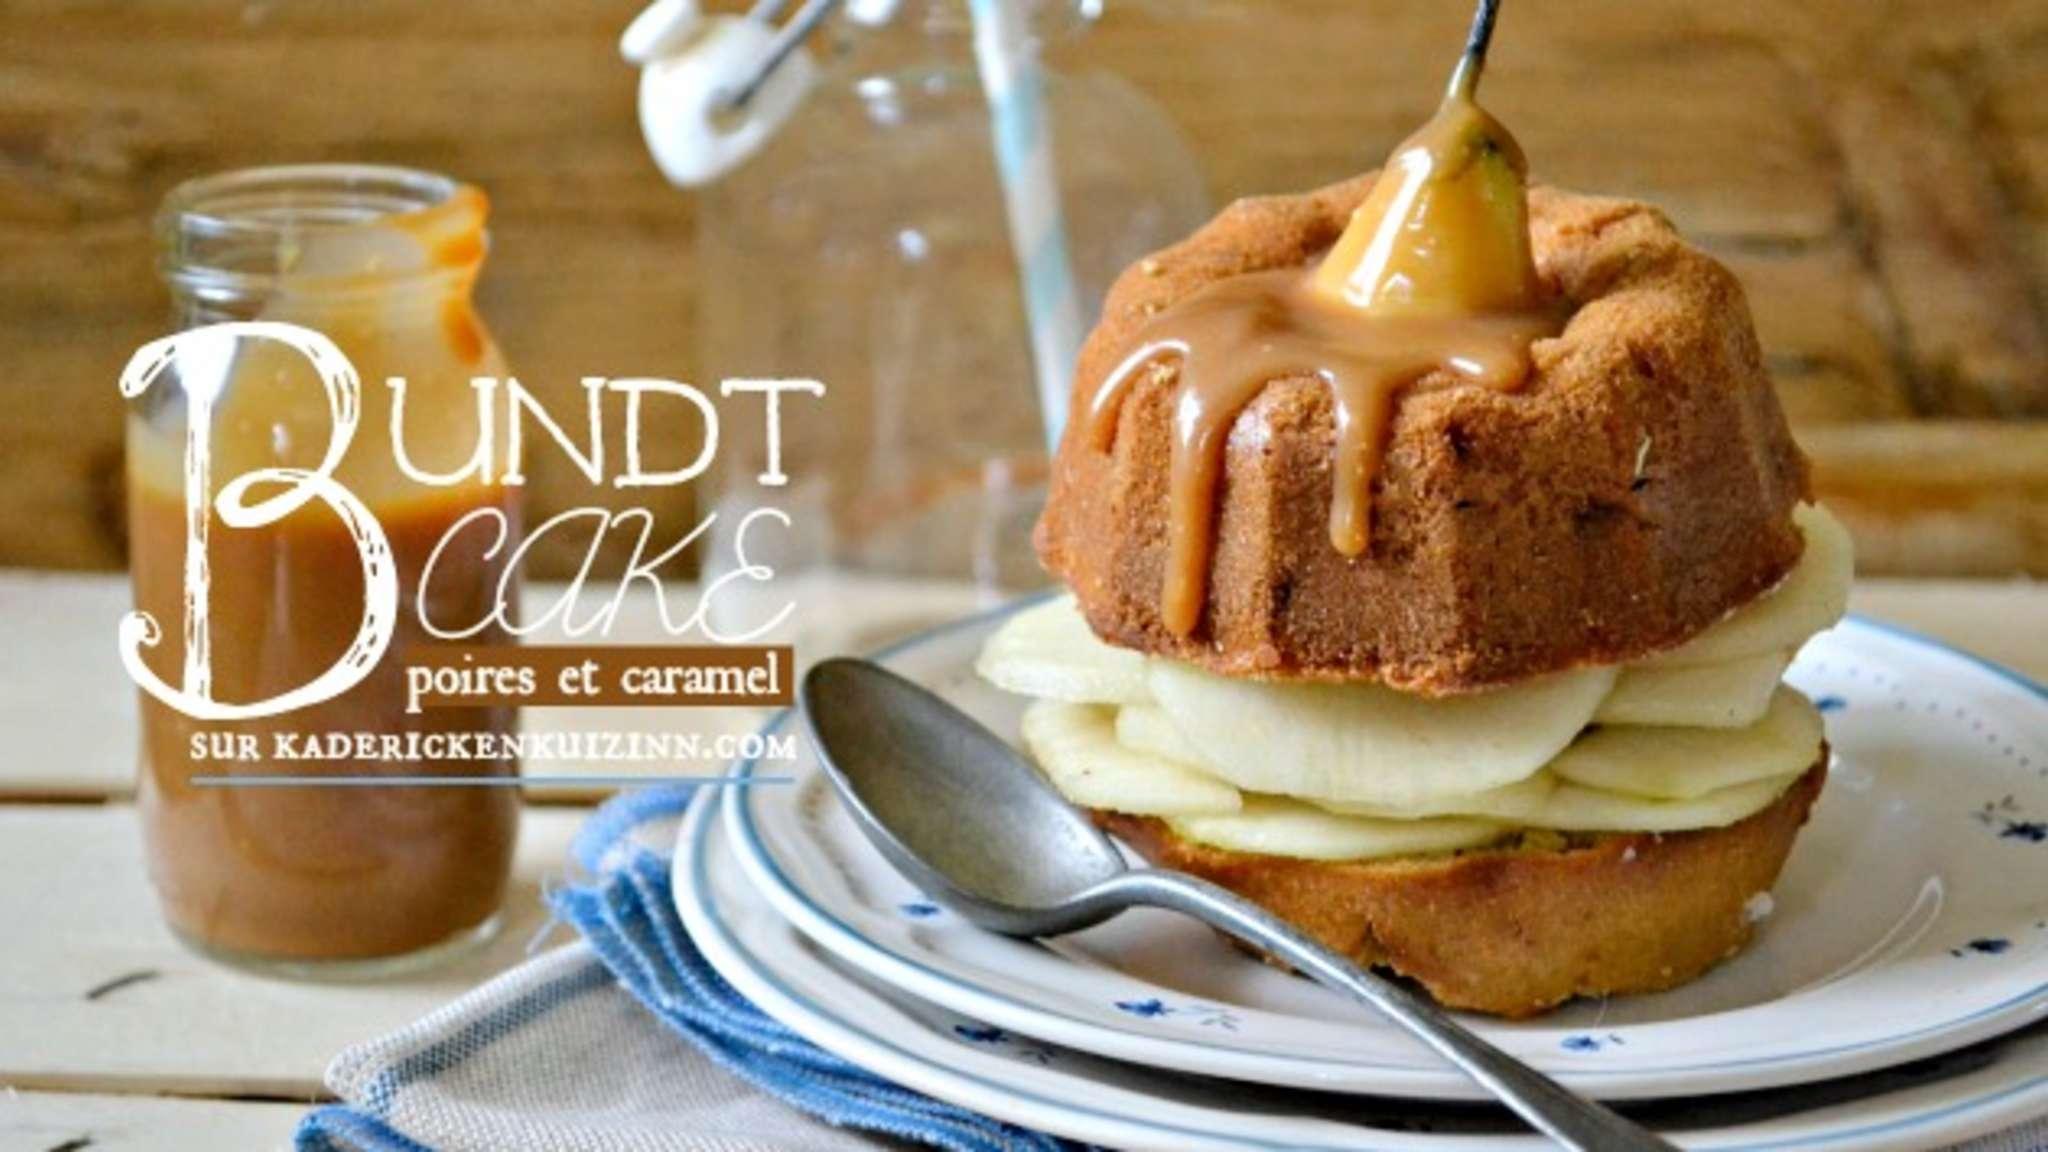 Bundt cake aux noisettes poires et caramel beurre salé